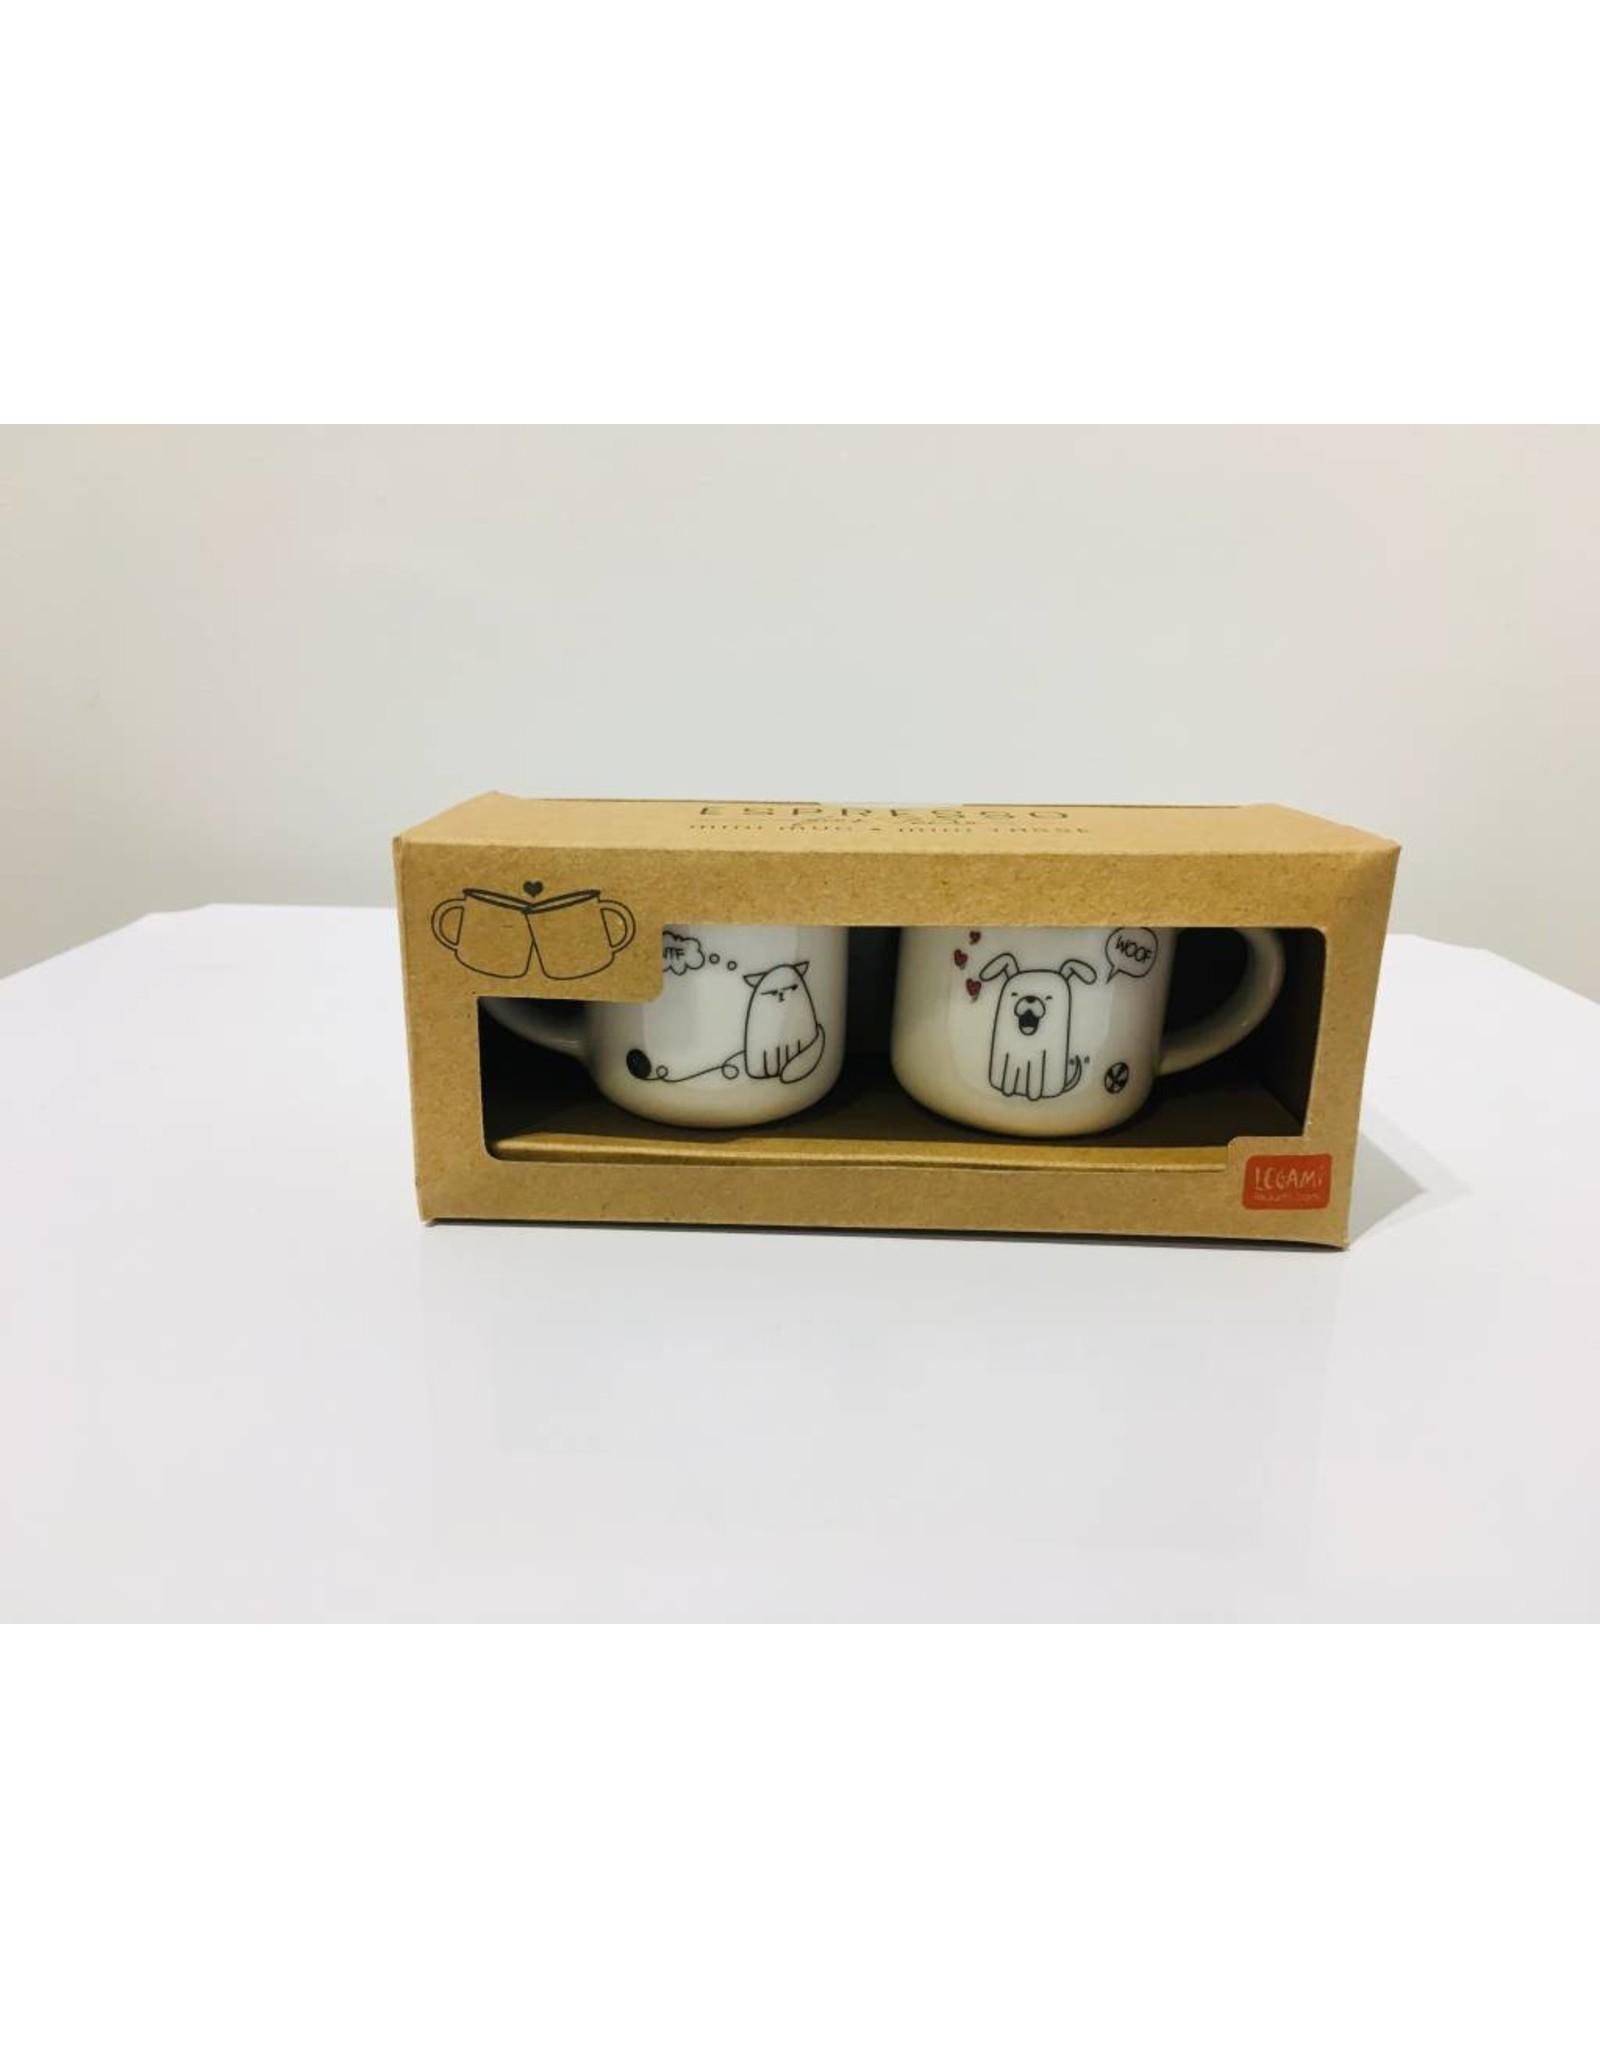 espresso mugs - dog & cat